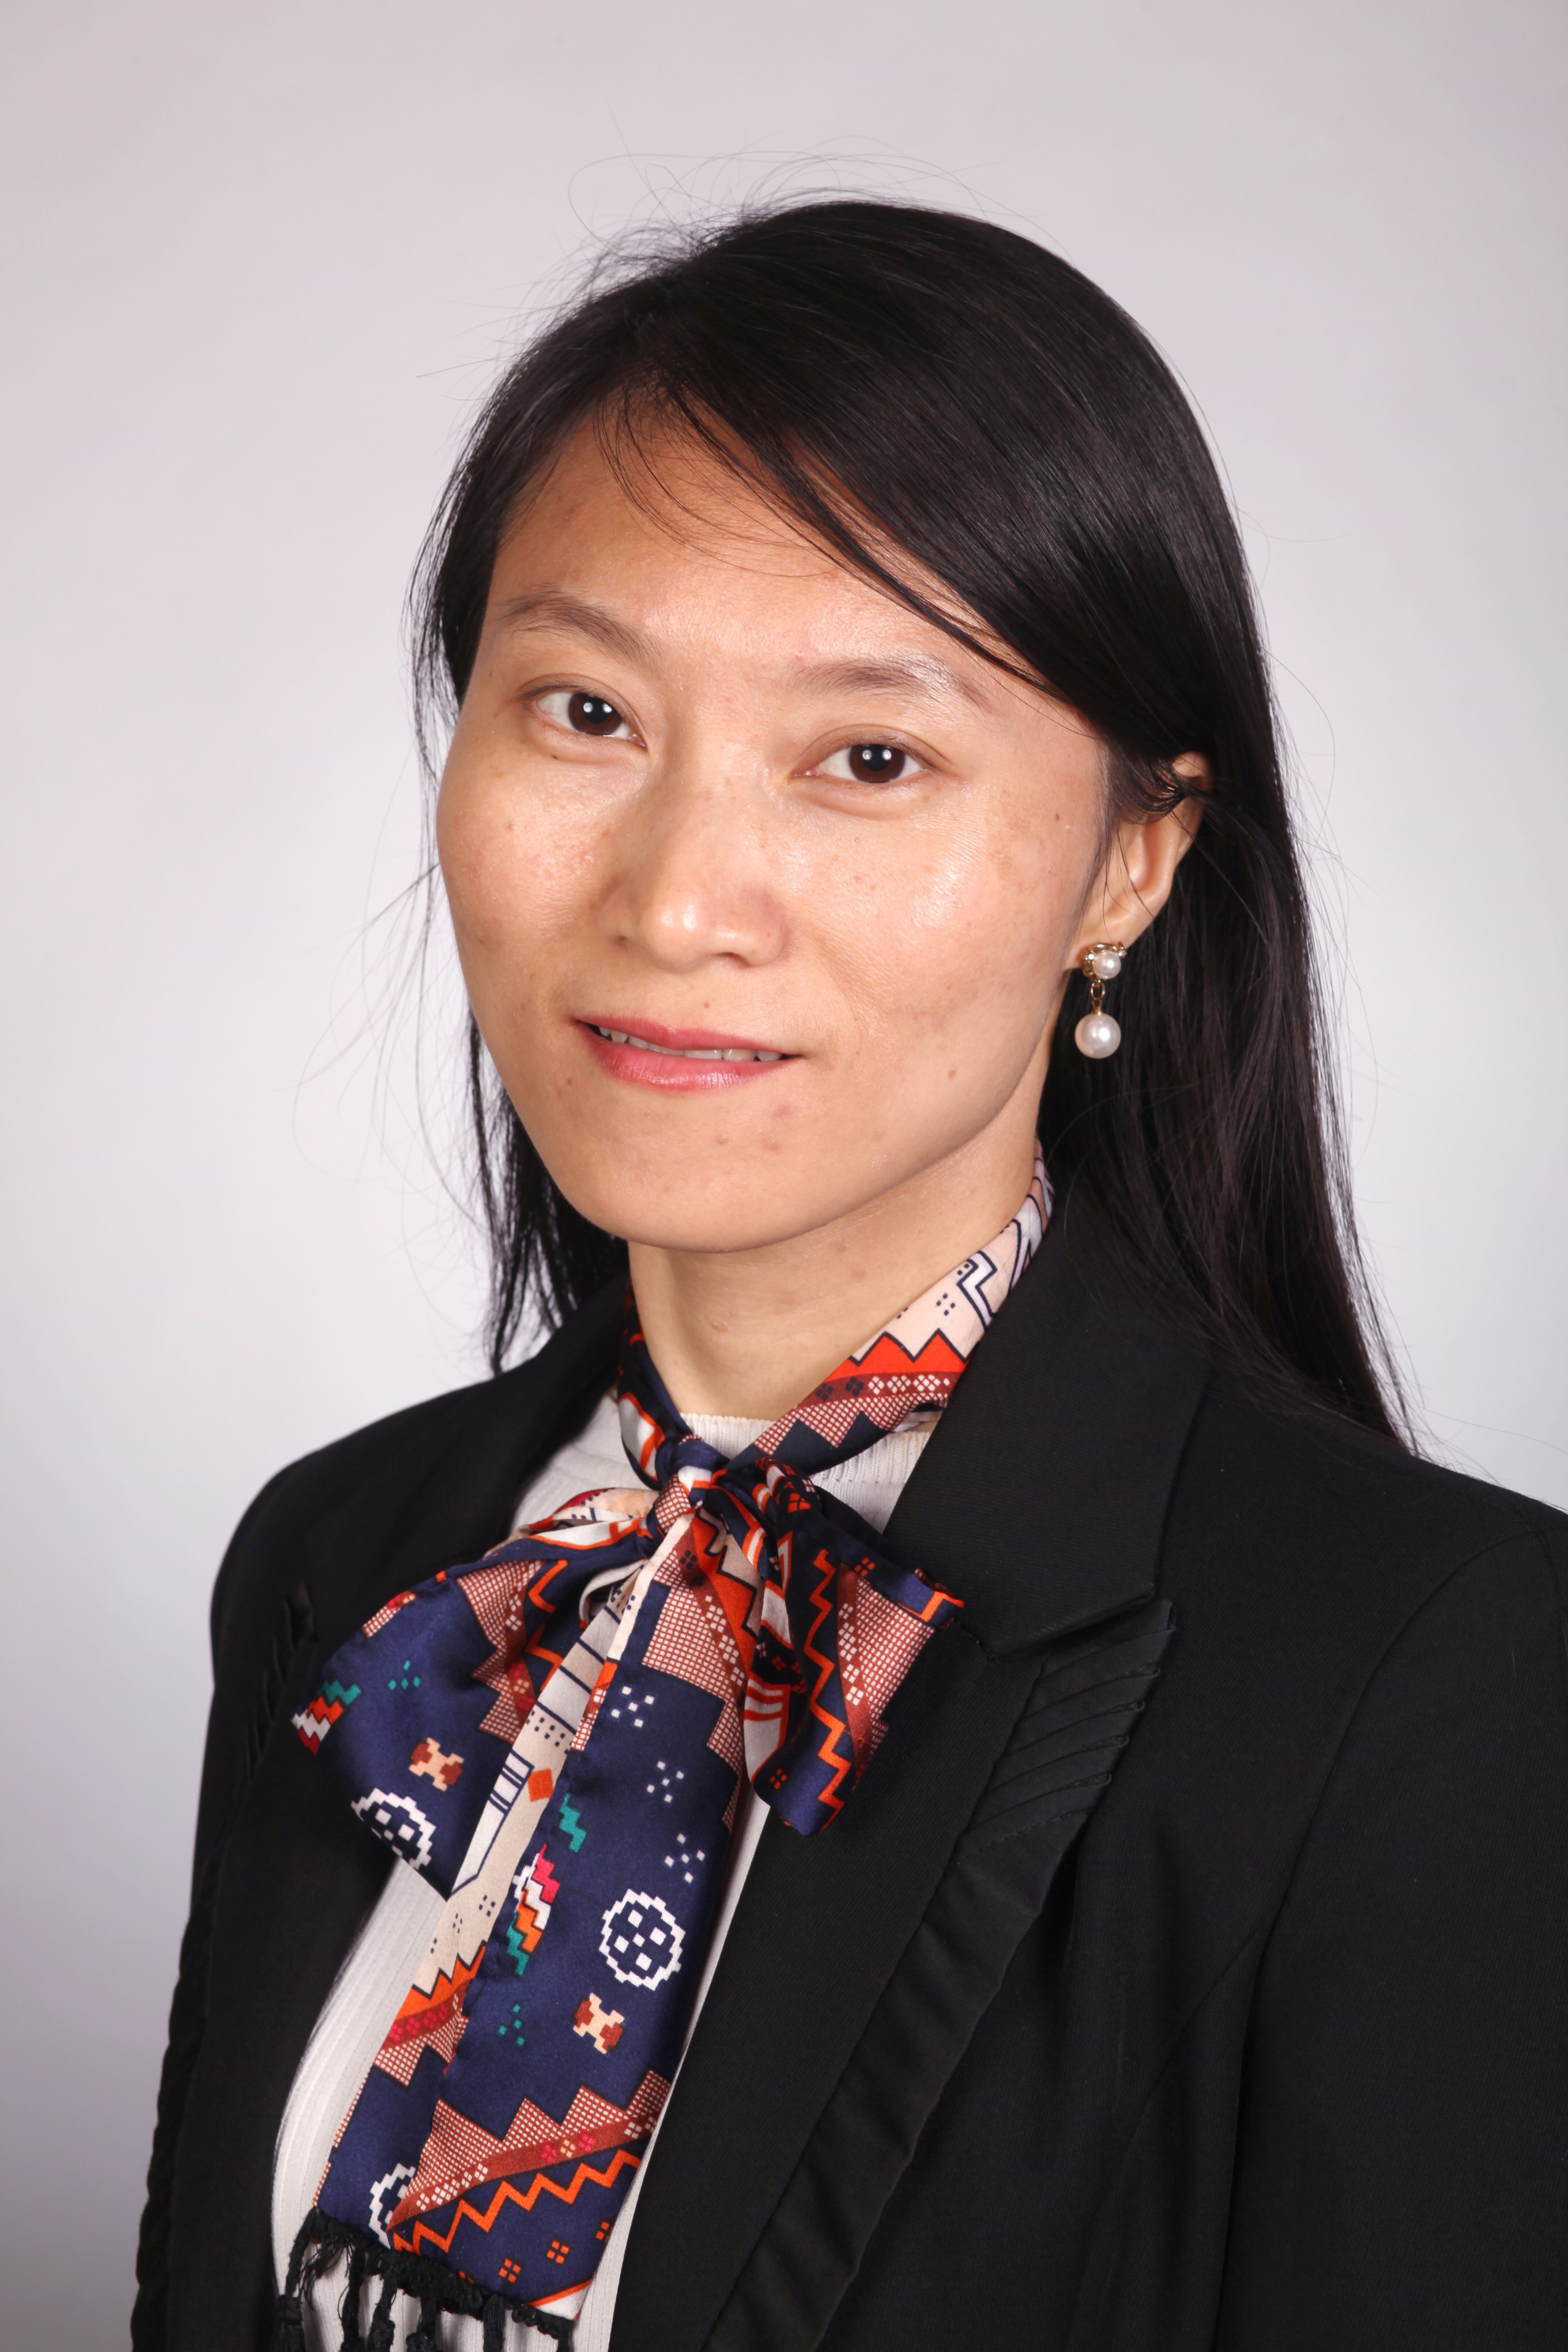 Yingsha Zhang